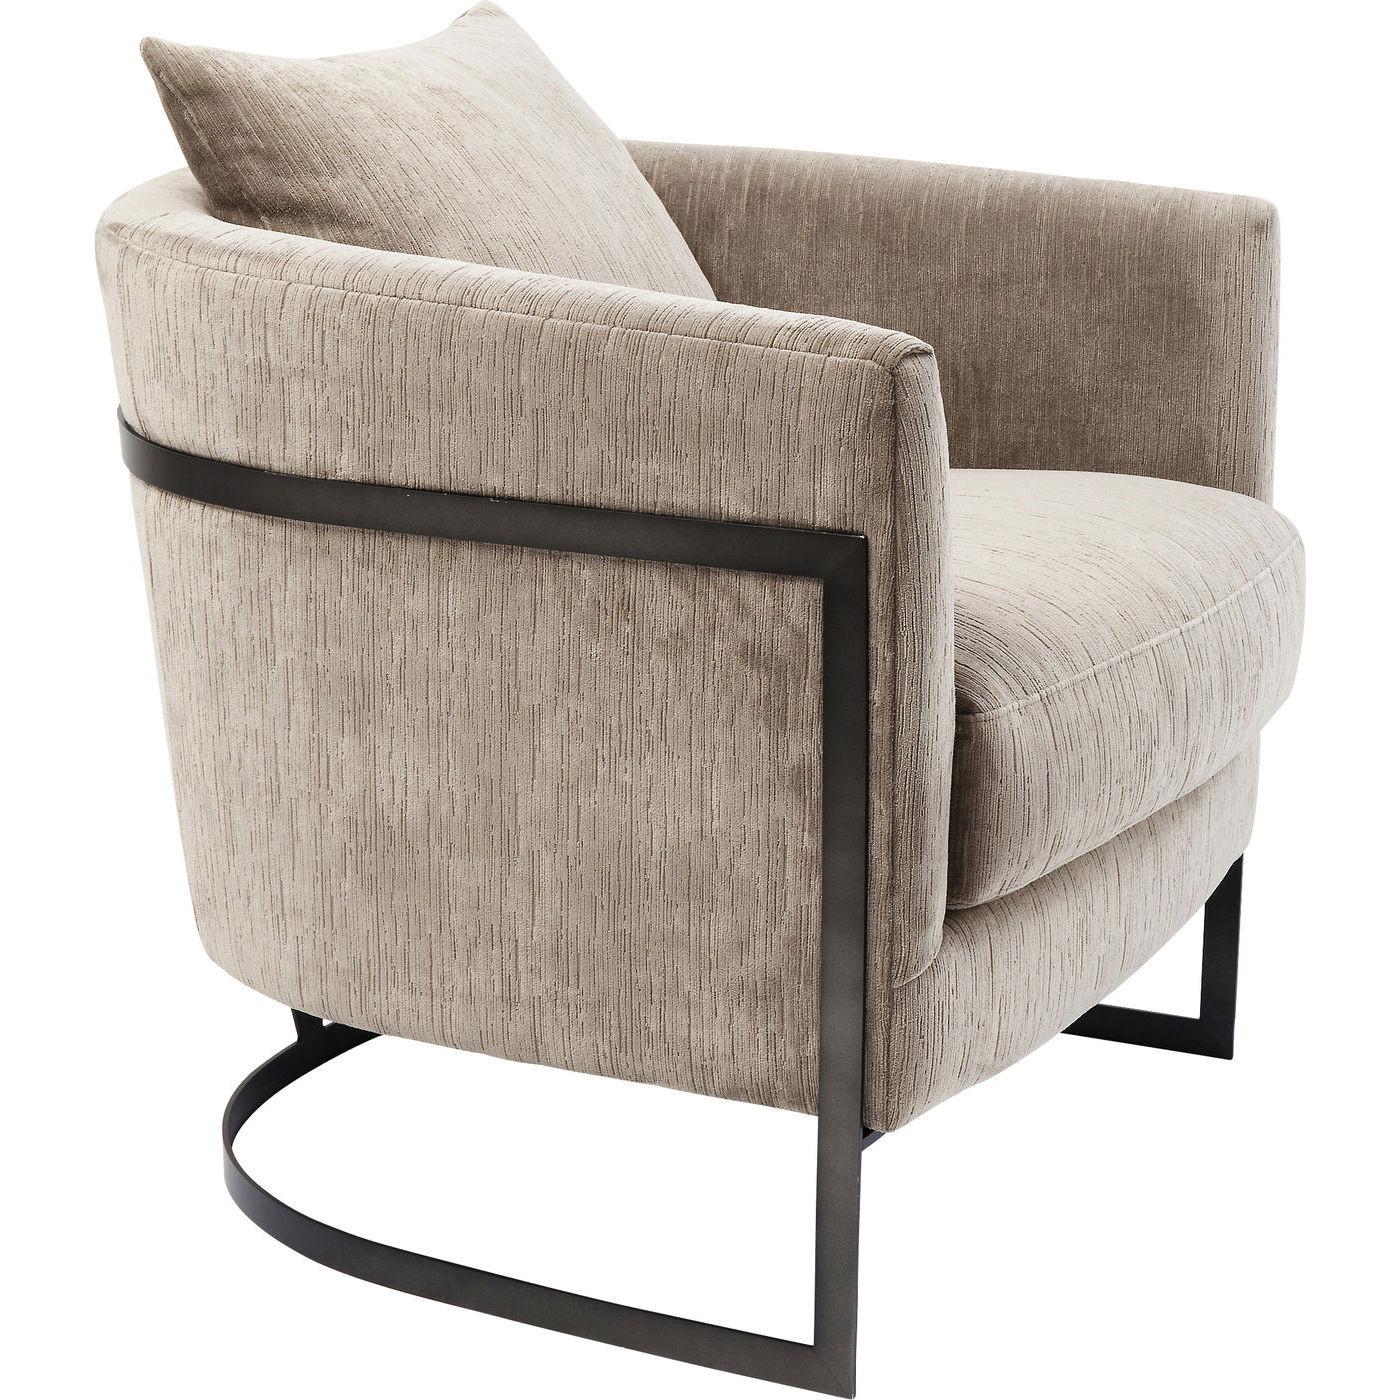 Sessel la vida design sessel sessel wohnzimmer for Mobel sessel design